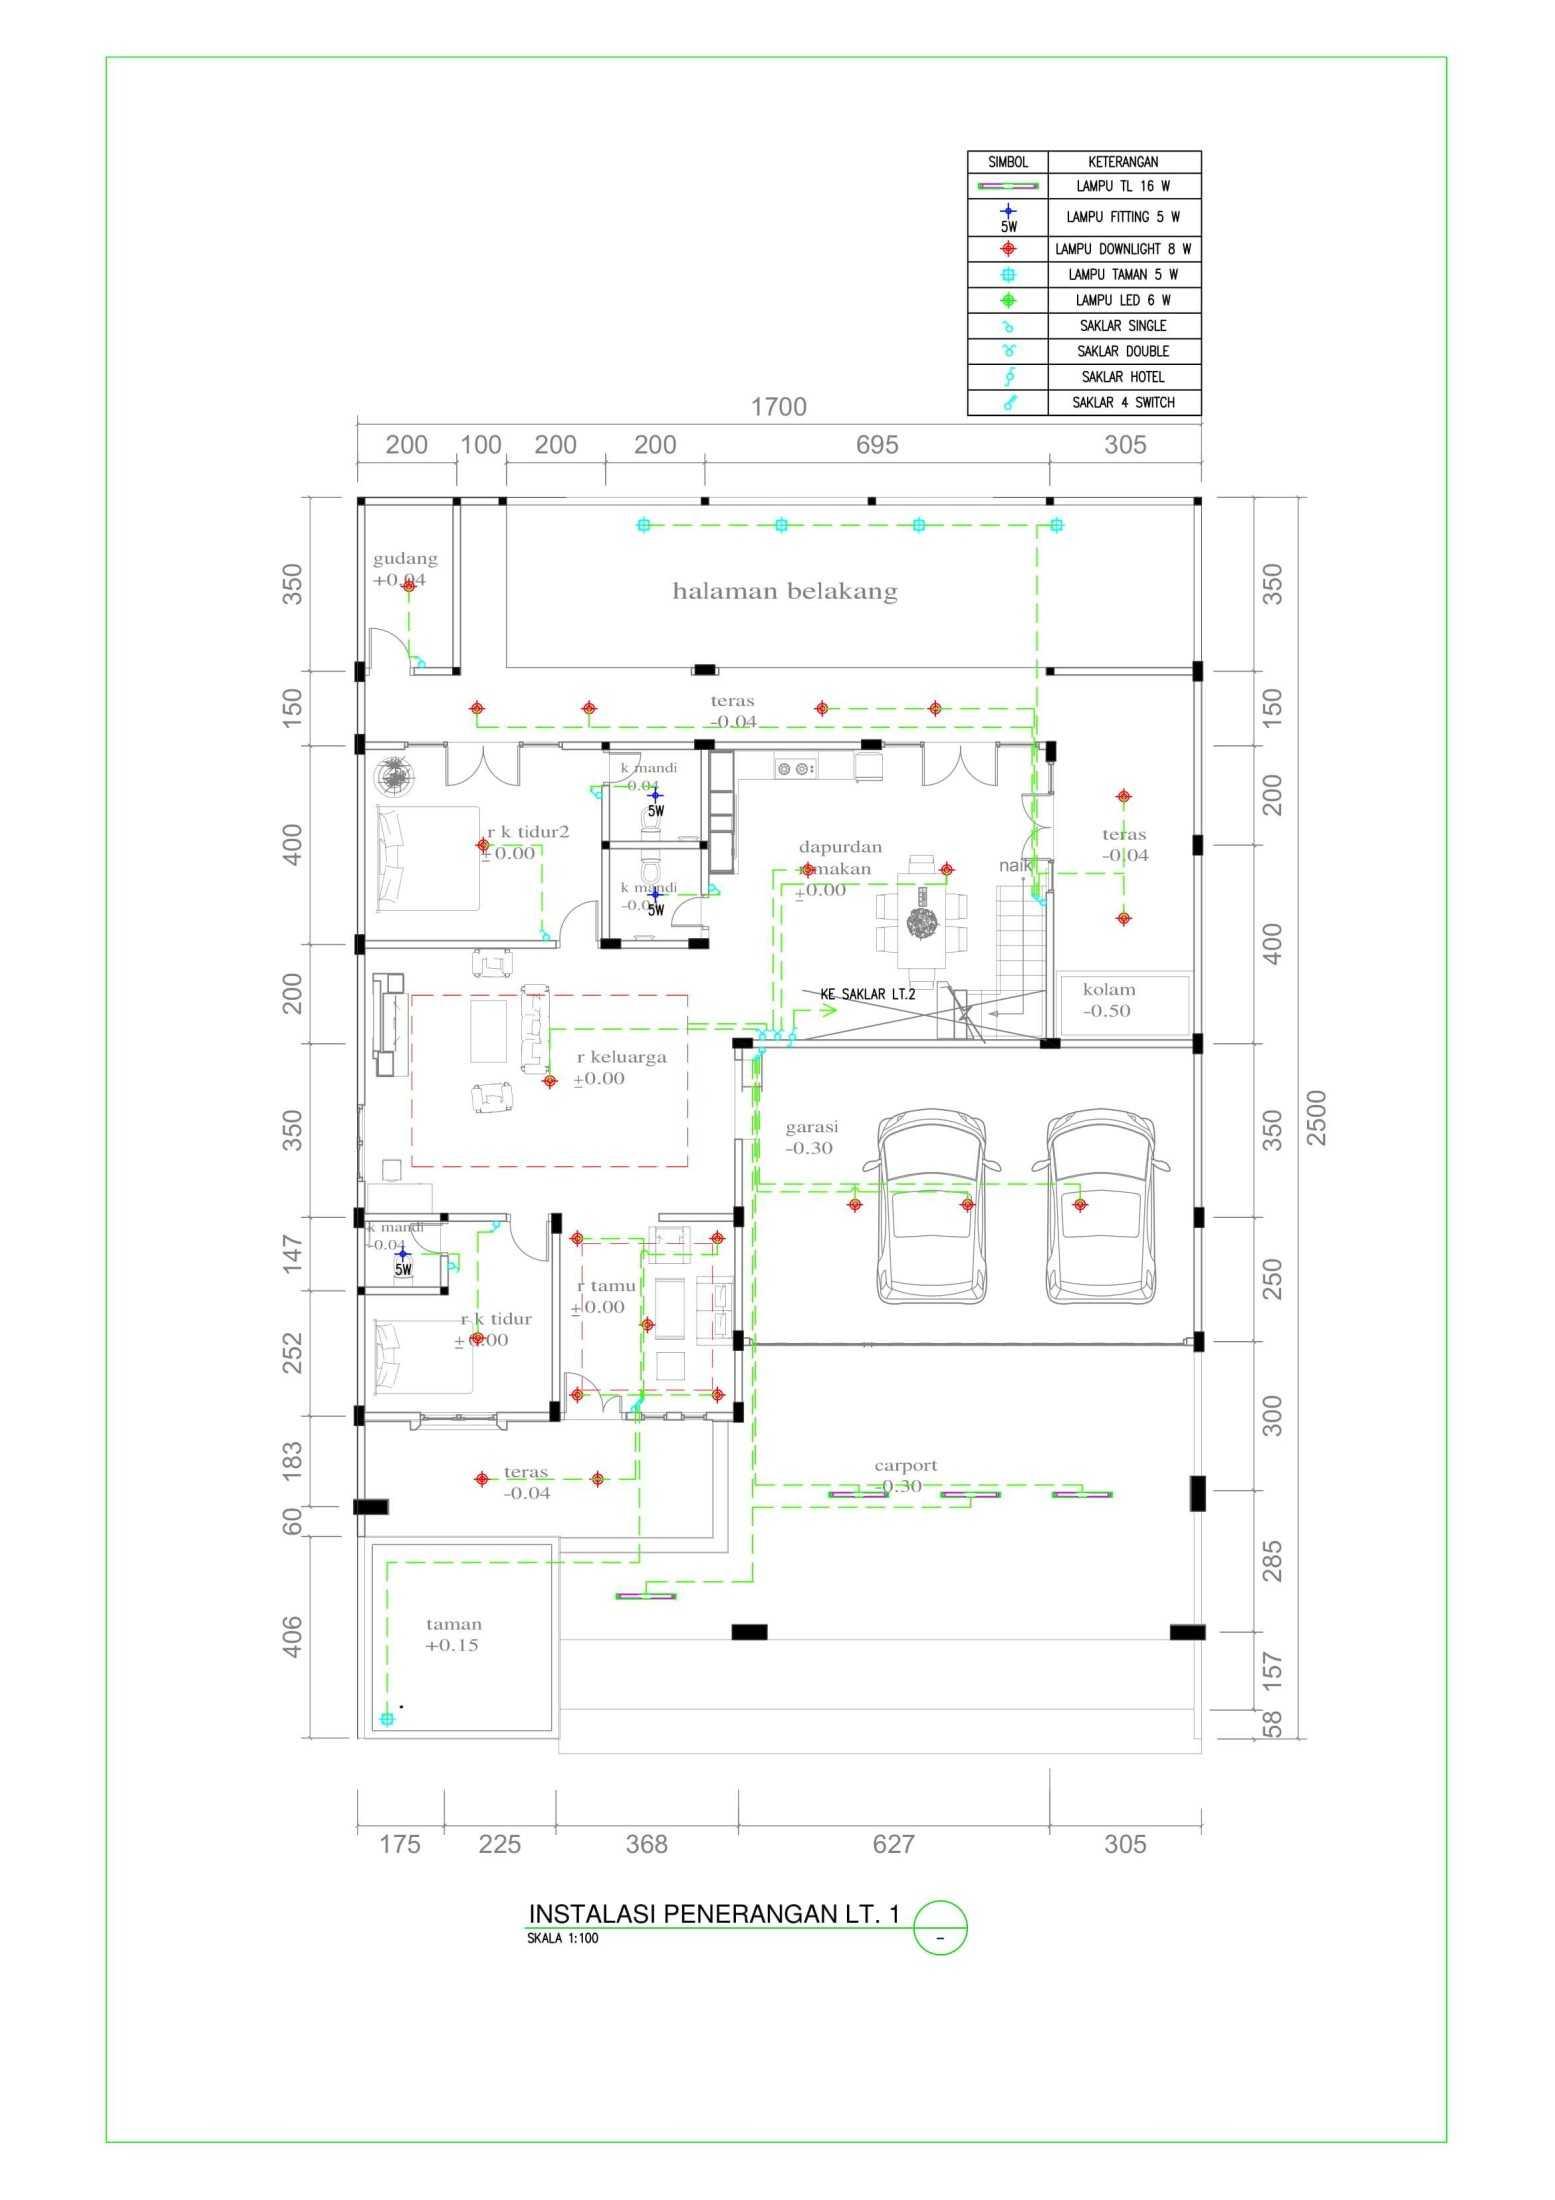 Iyan_Design Rumah Bapak Andi Palembang, Kota Palembang, Sumatera Selatan, Indonesia Palembang, Kota Palembang, Sumatera Selatan, Indonesia Iyandesign-Rumah-Bapak-Andi  93732